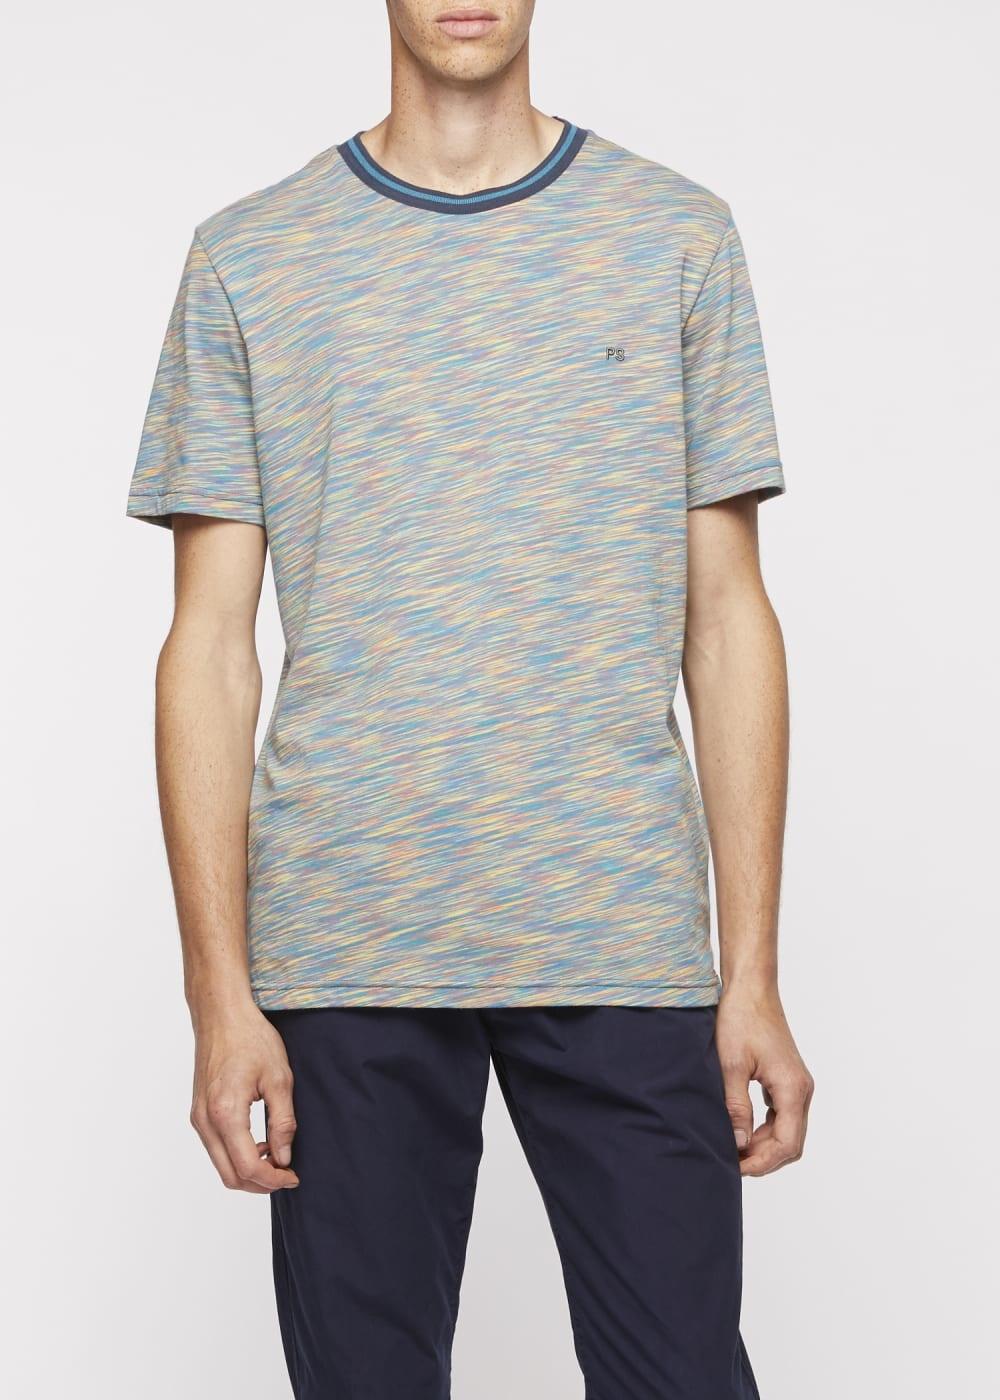 Paul Smith T-shirt Paul Smith M2R-137S-F21262-40